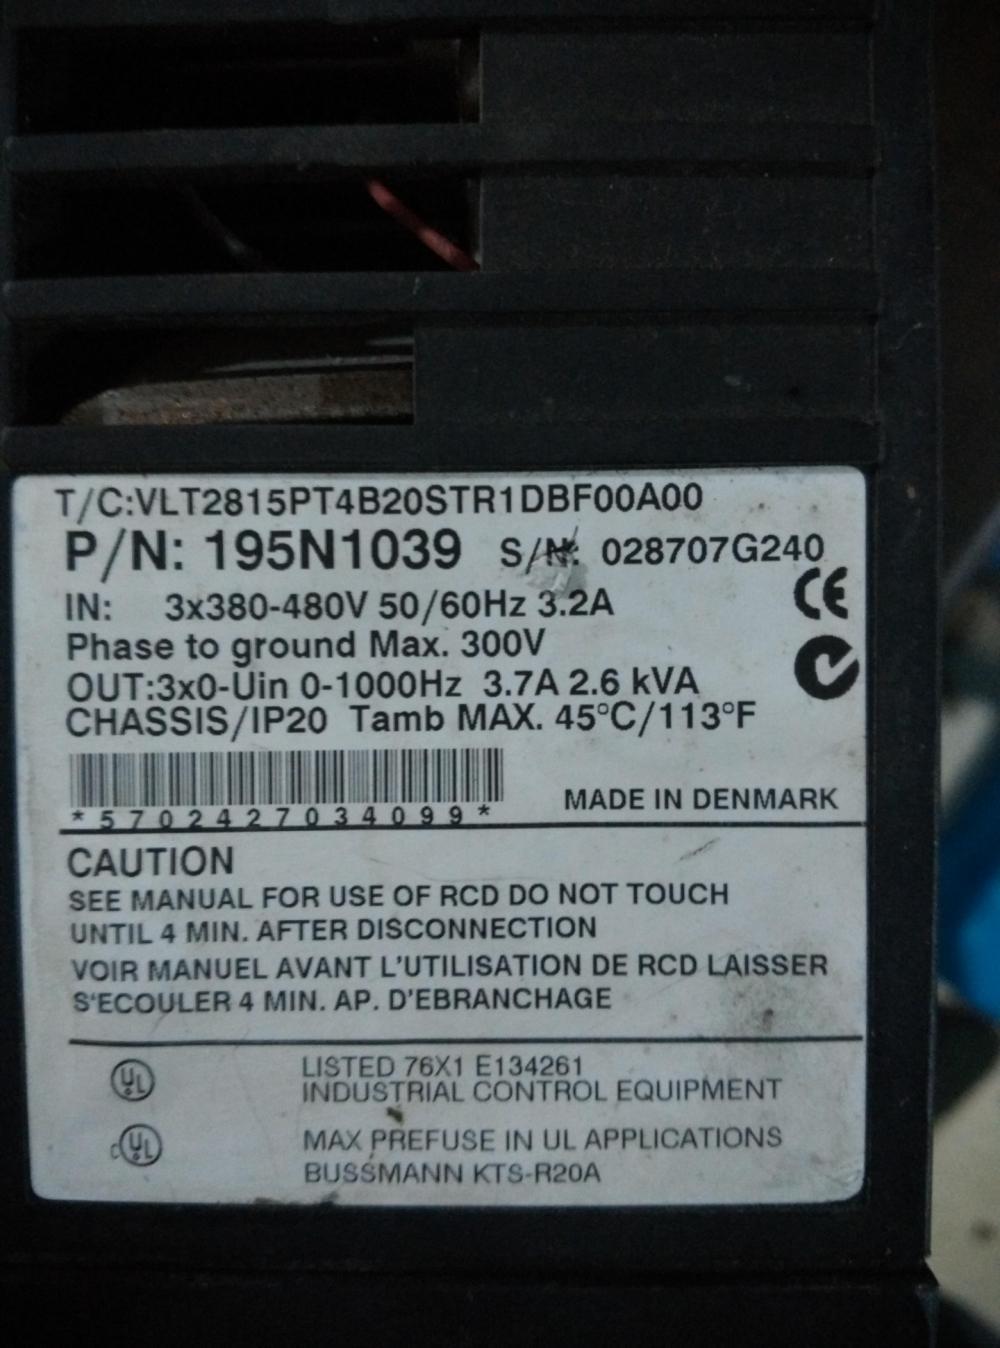 VLT2815PT4B20STR1.5kw8 Danfoss - 2800 - serie in neuen wechselrichter normale funktion